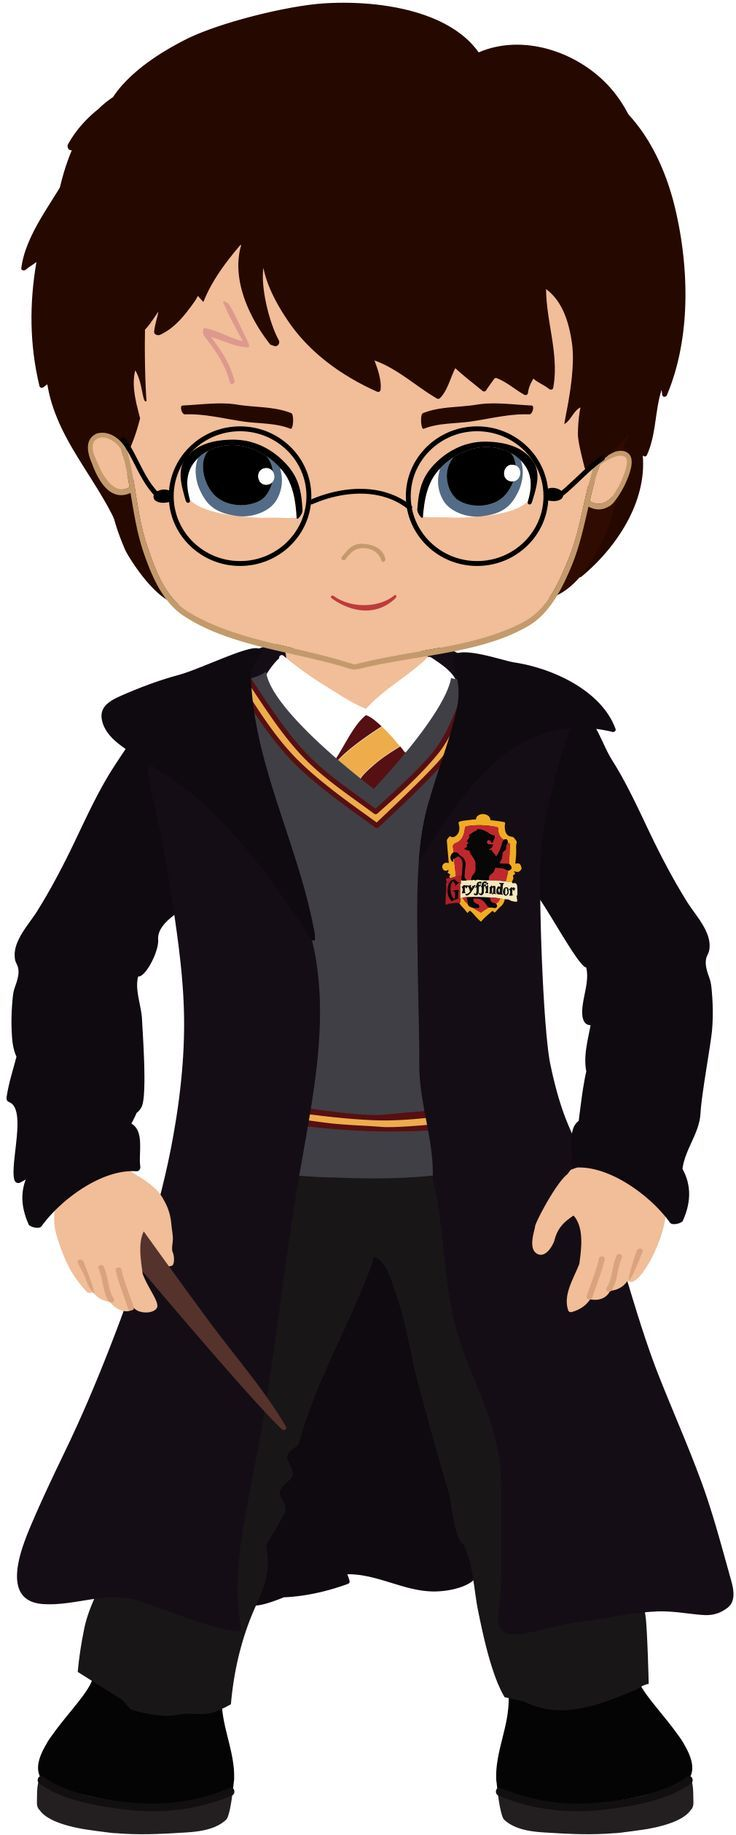 Harry Potter Crests Transparent Background Google Search Harry Potter Cartoon Harry Potter Background Harry Potter Clip Art